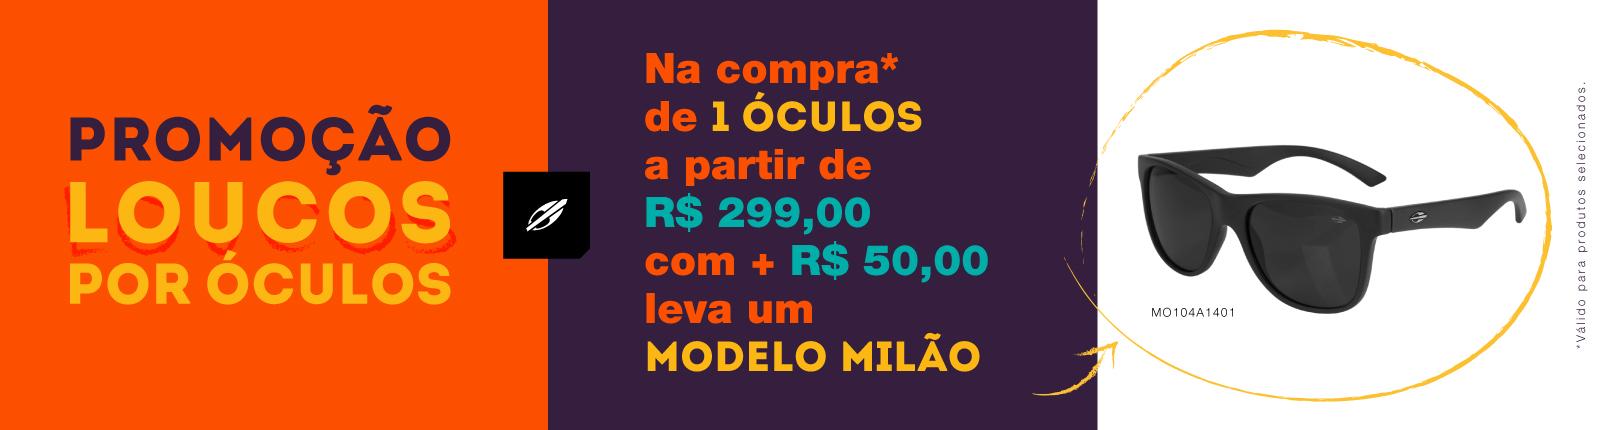 Promo óculos milão